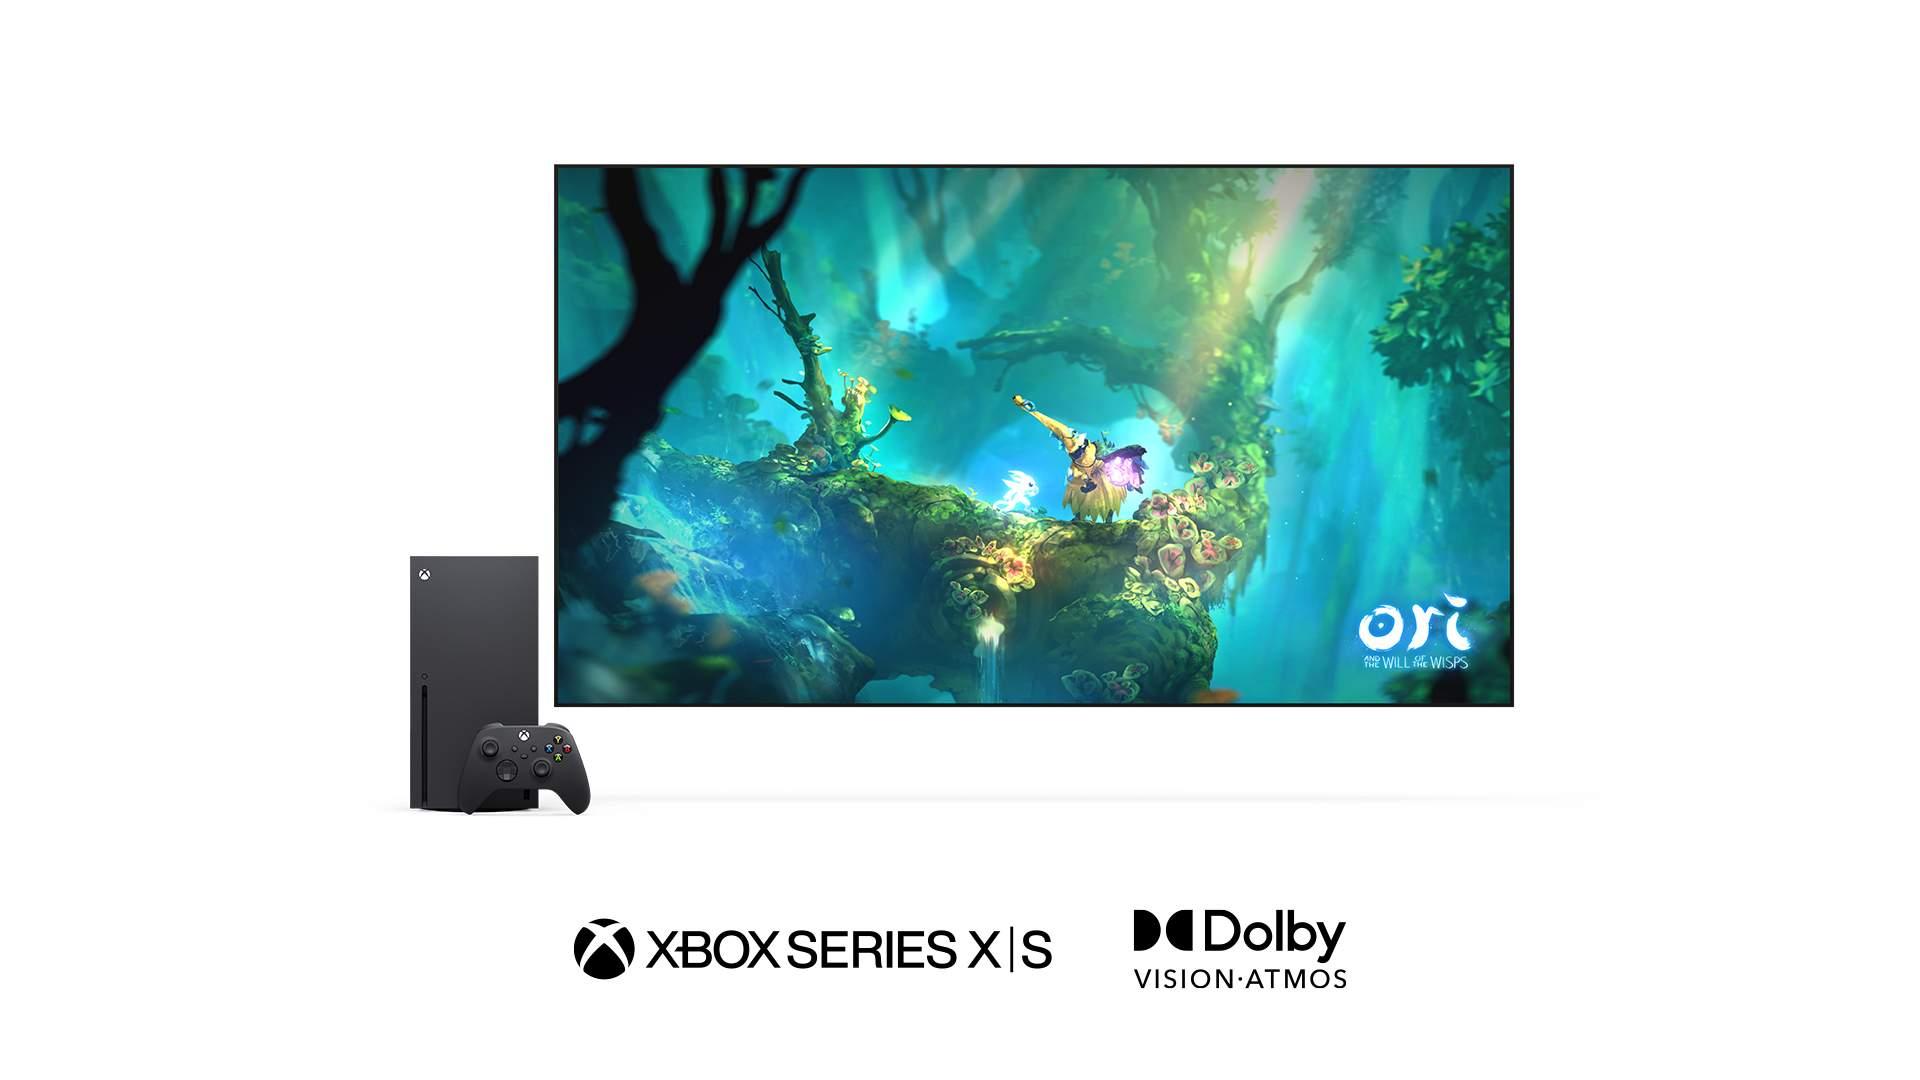 Dolby Vision arrive sur les jeux Xbox Series X I S pour un HDR encore plus beau